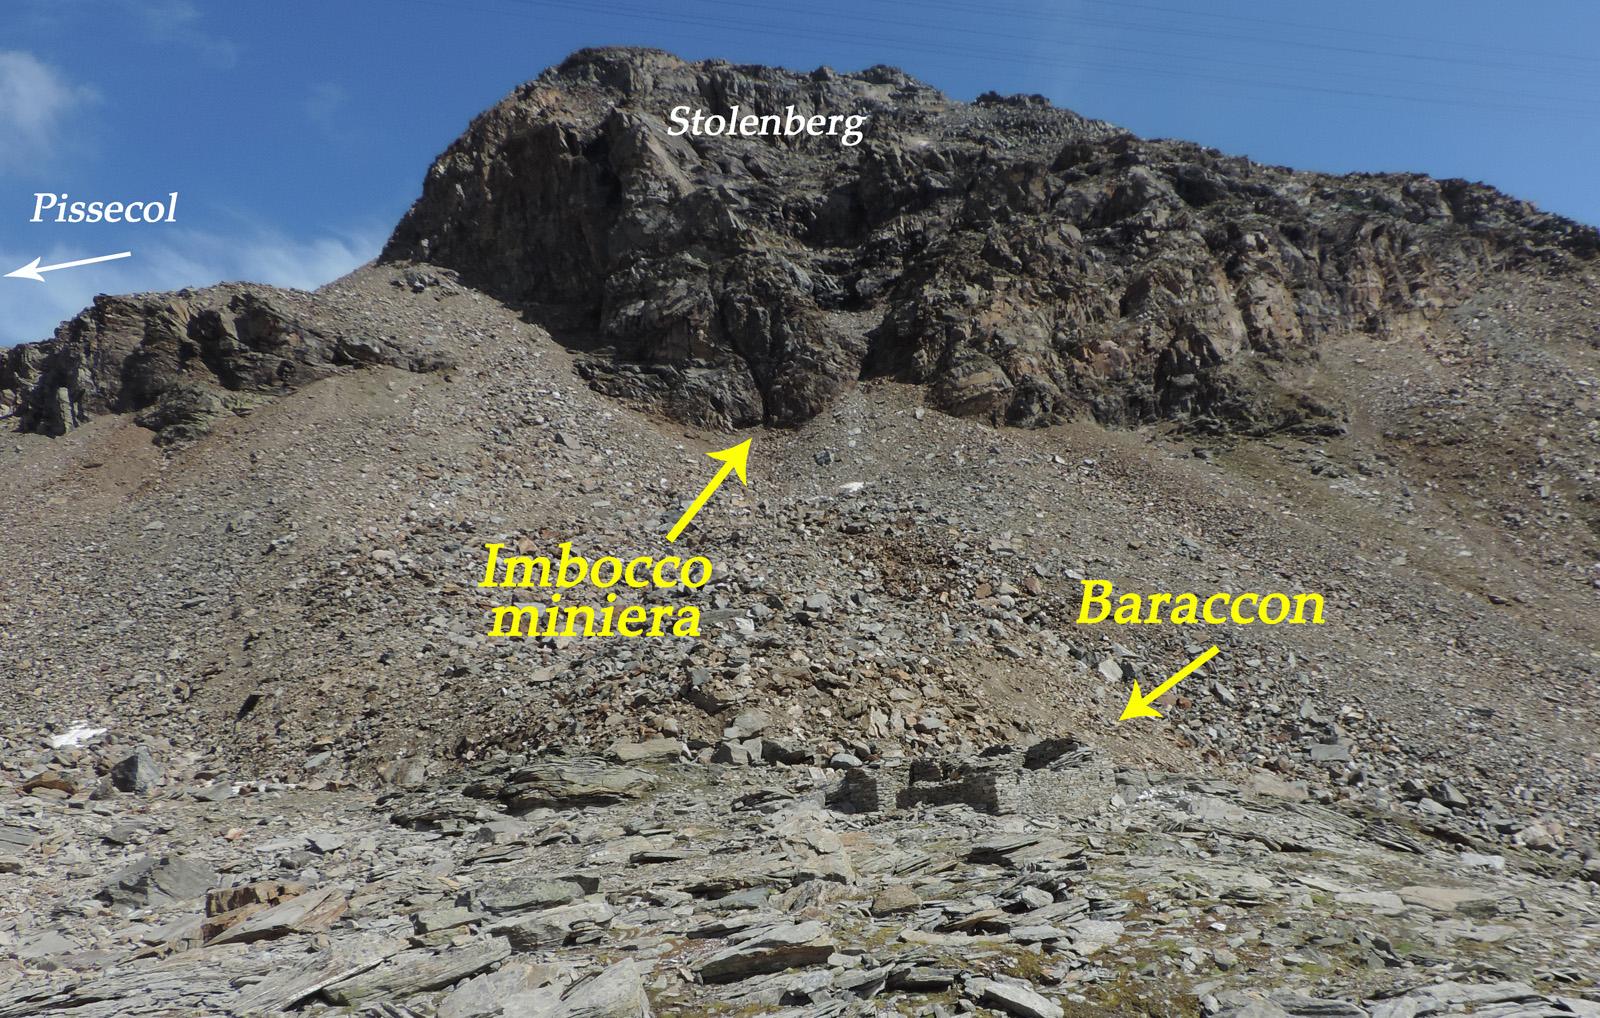 01. Una larga falda detritica di difficile percorribilità separa attualmente la miniera dalla zona di prima lavorazione del minerale al Baraccone.